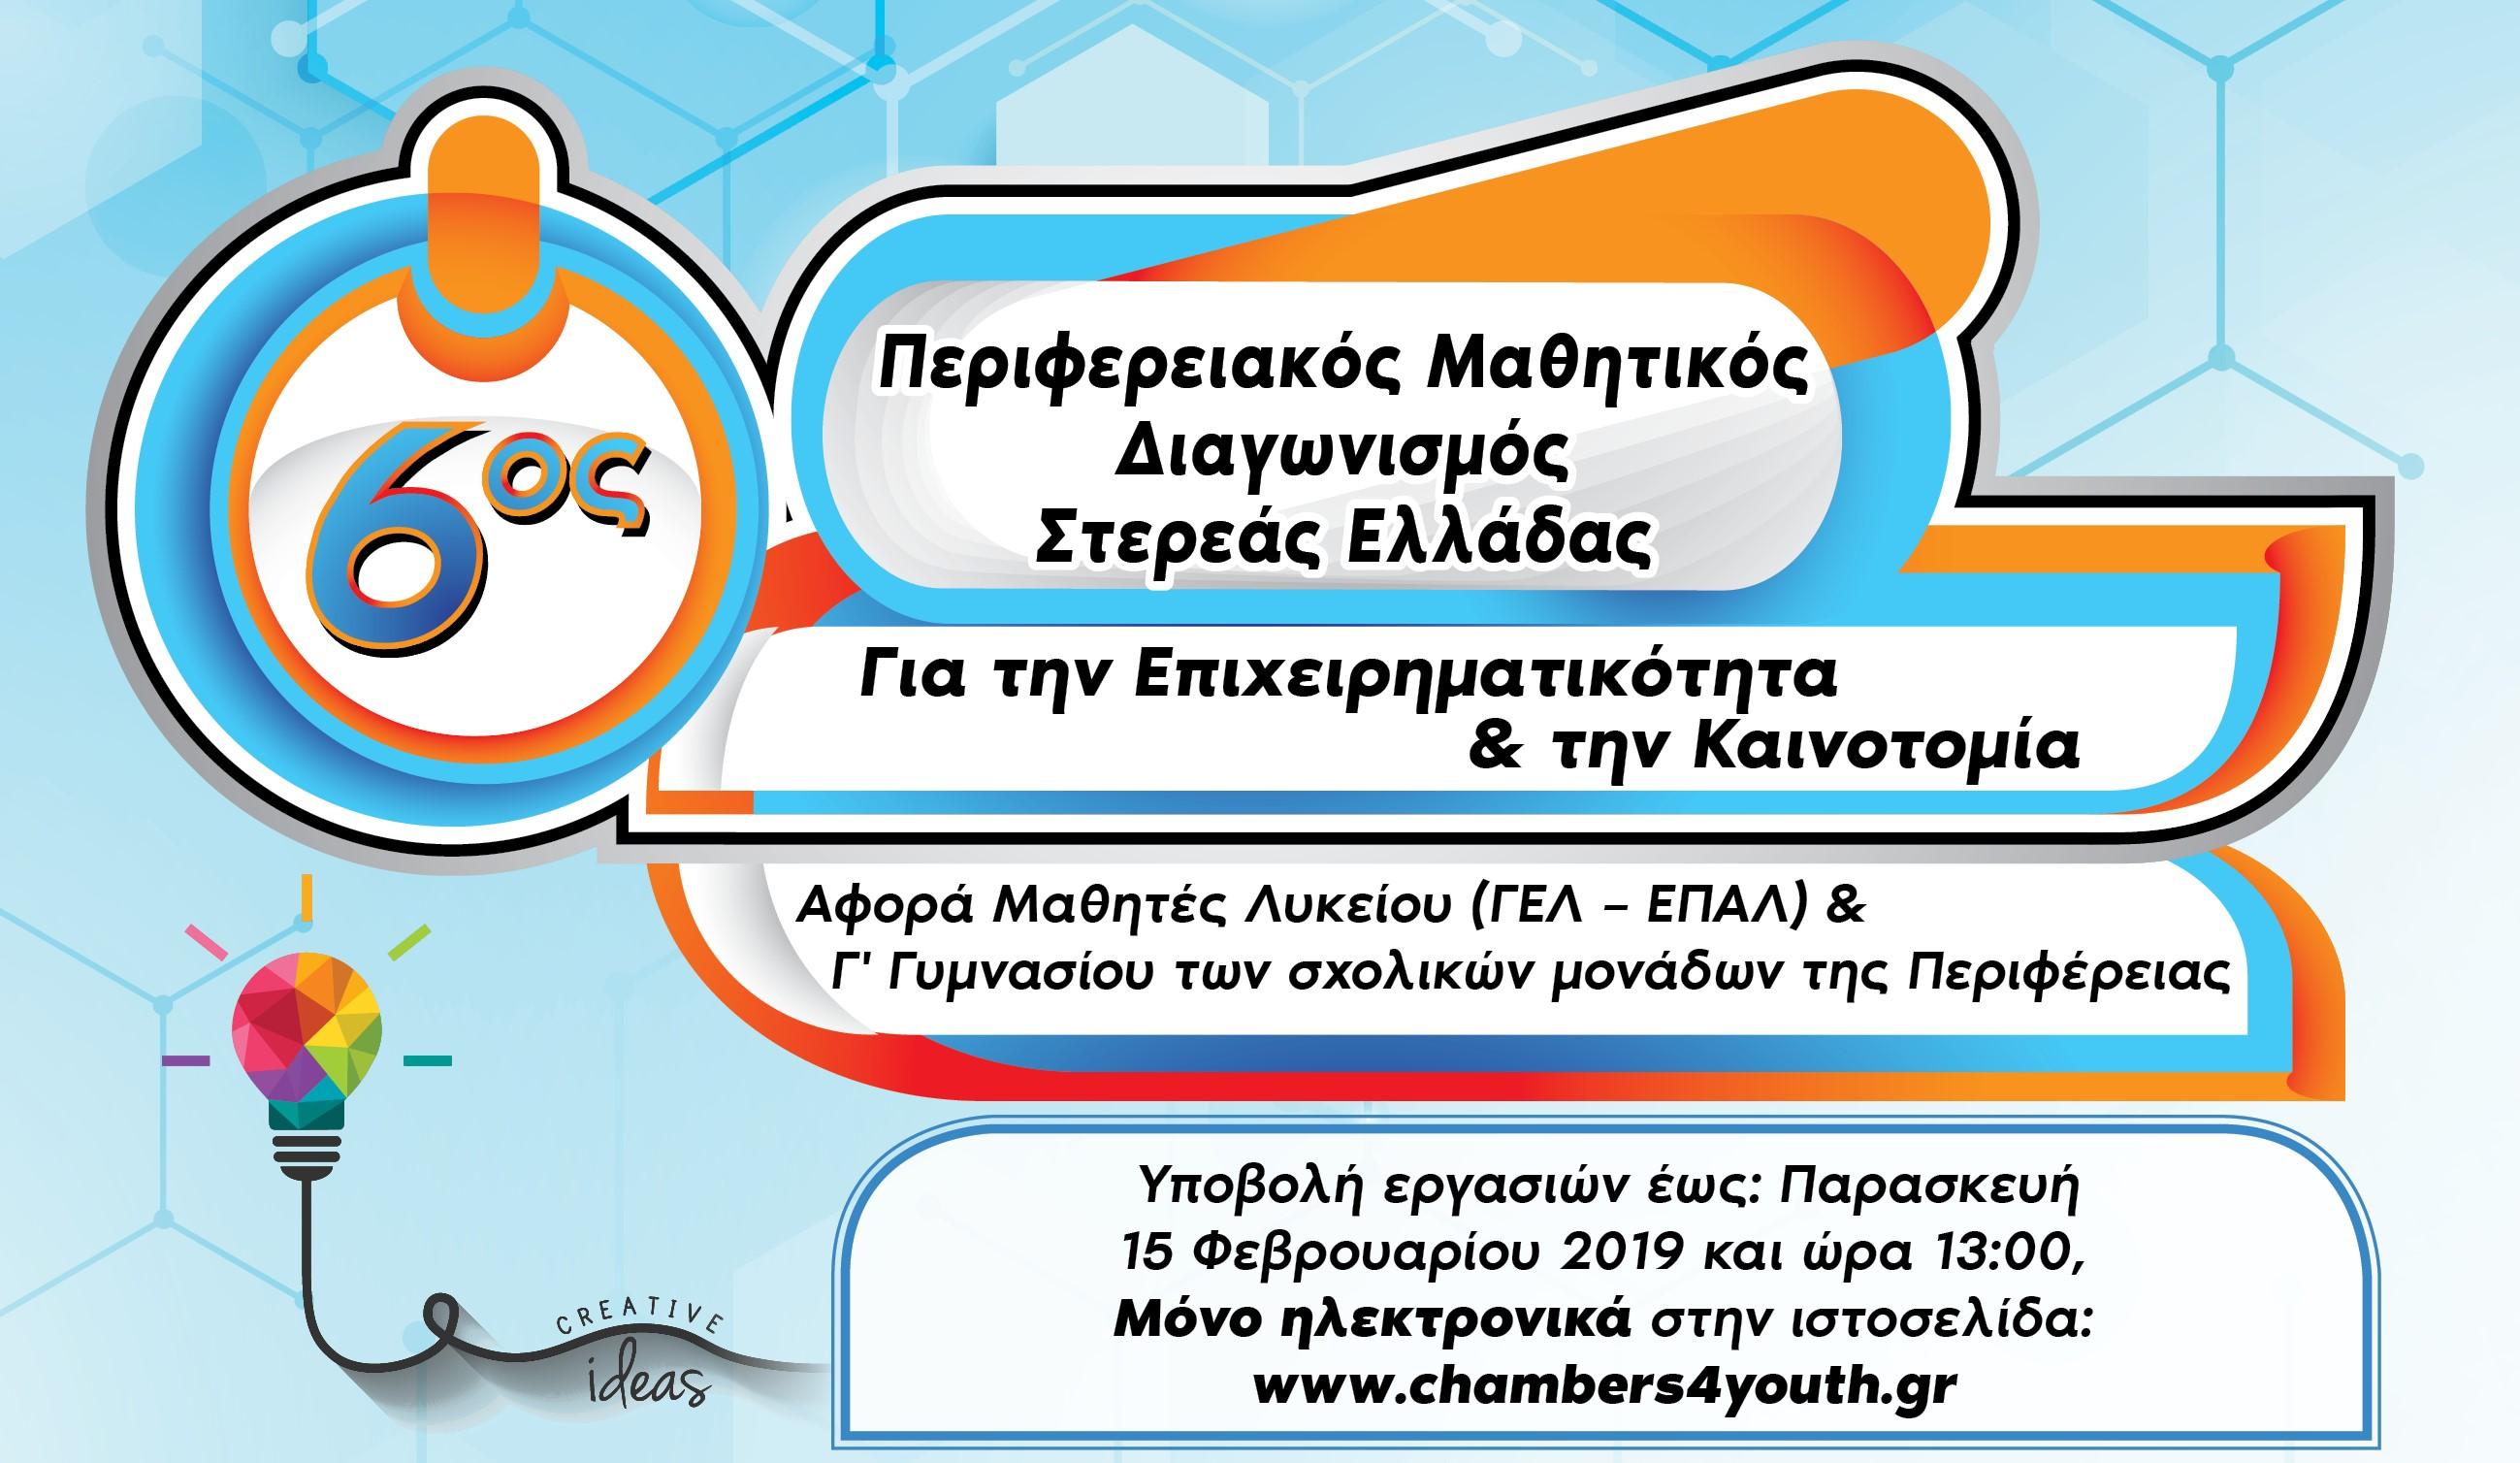 6ος Περιφερειακός Μαθητικός Διαγωνισμός Στερεάς Ελλάδας . c5c94d4da78